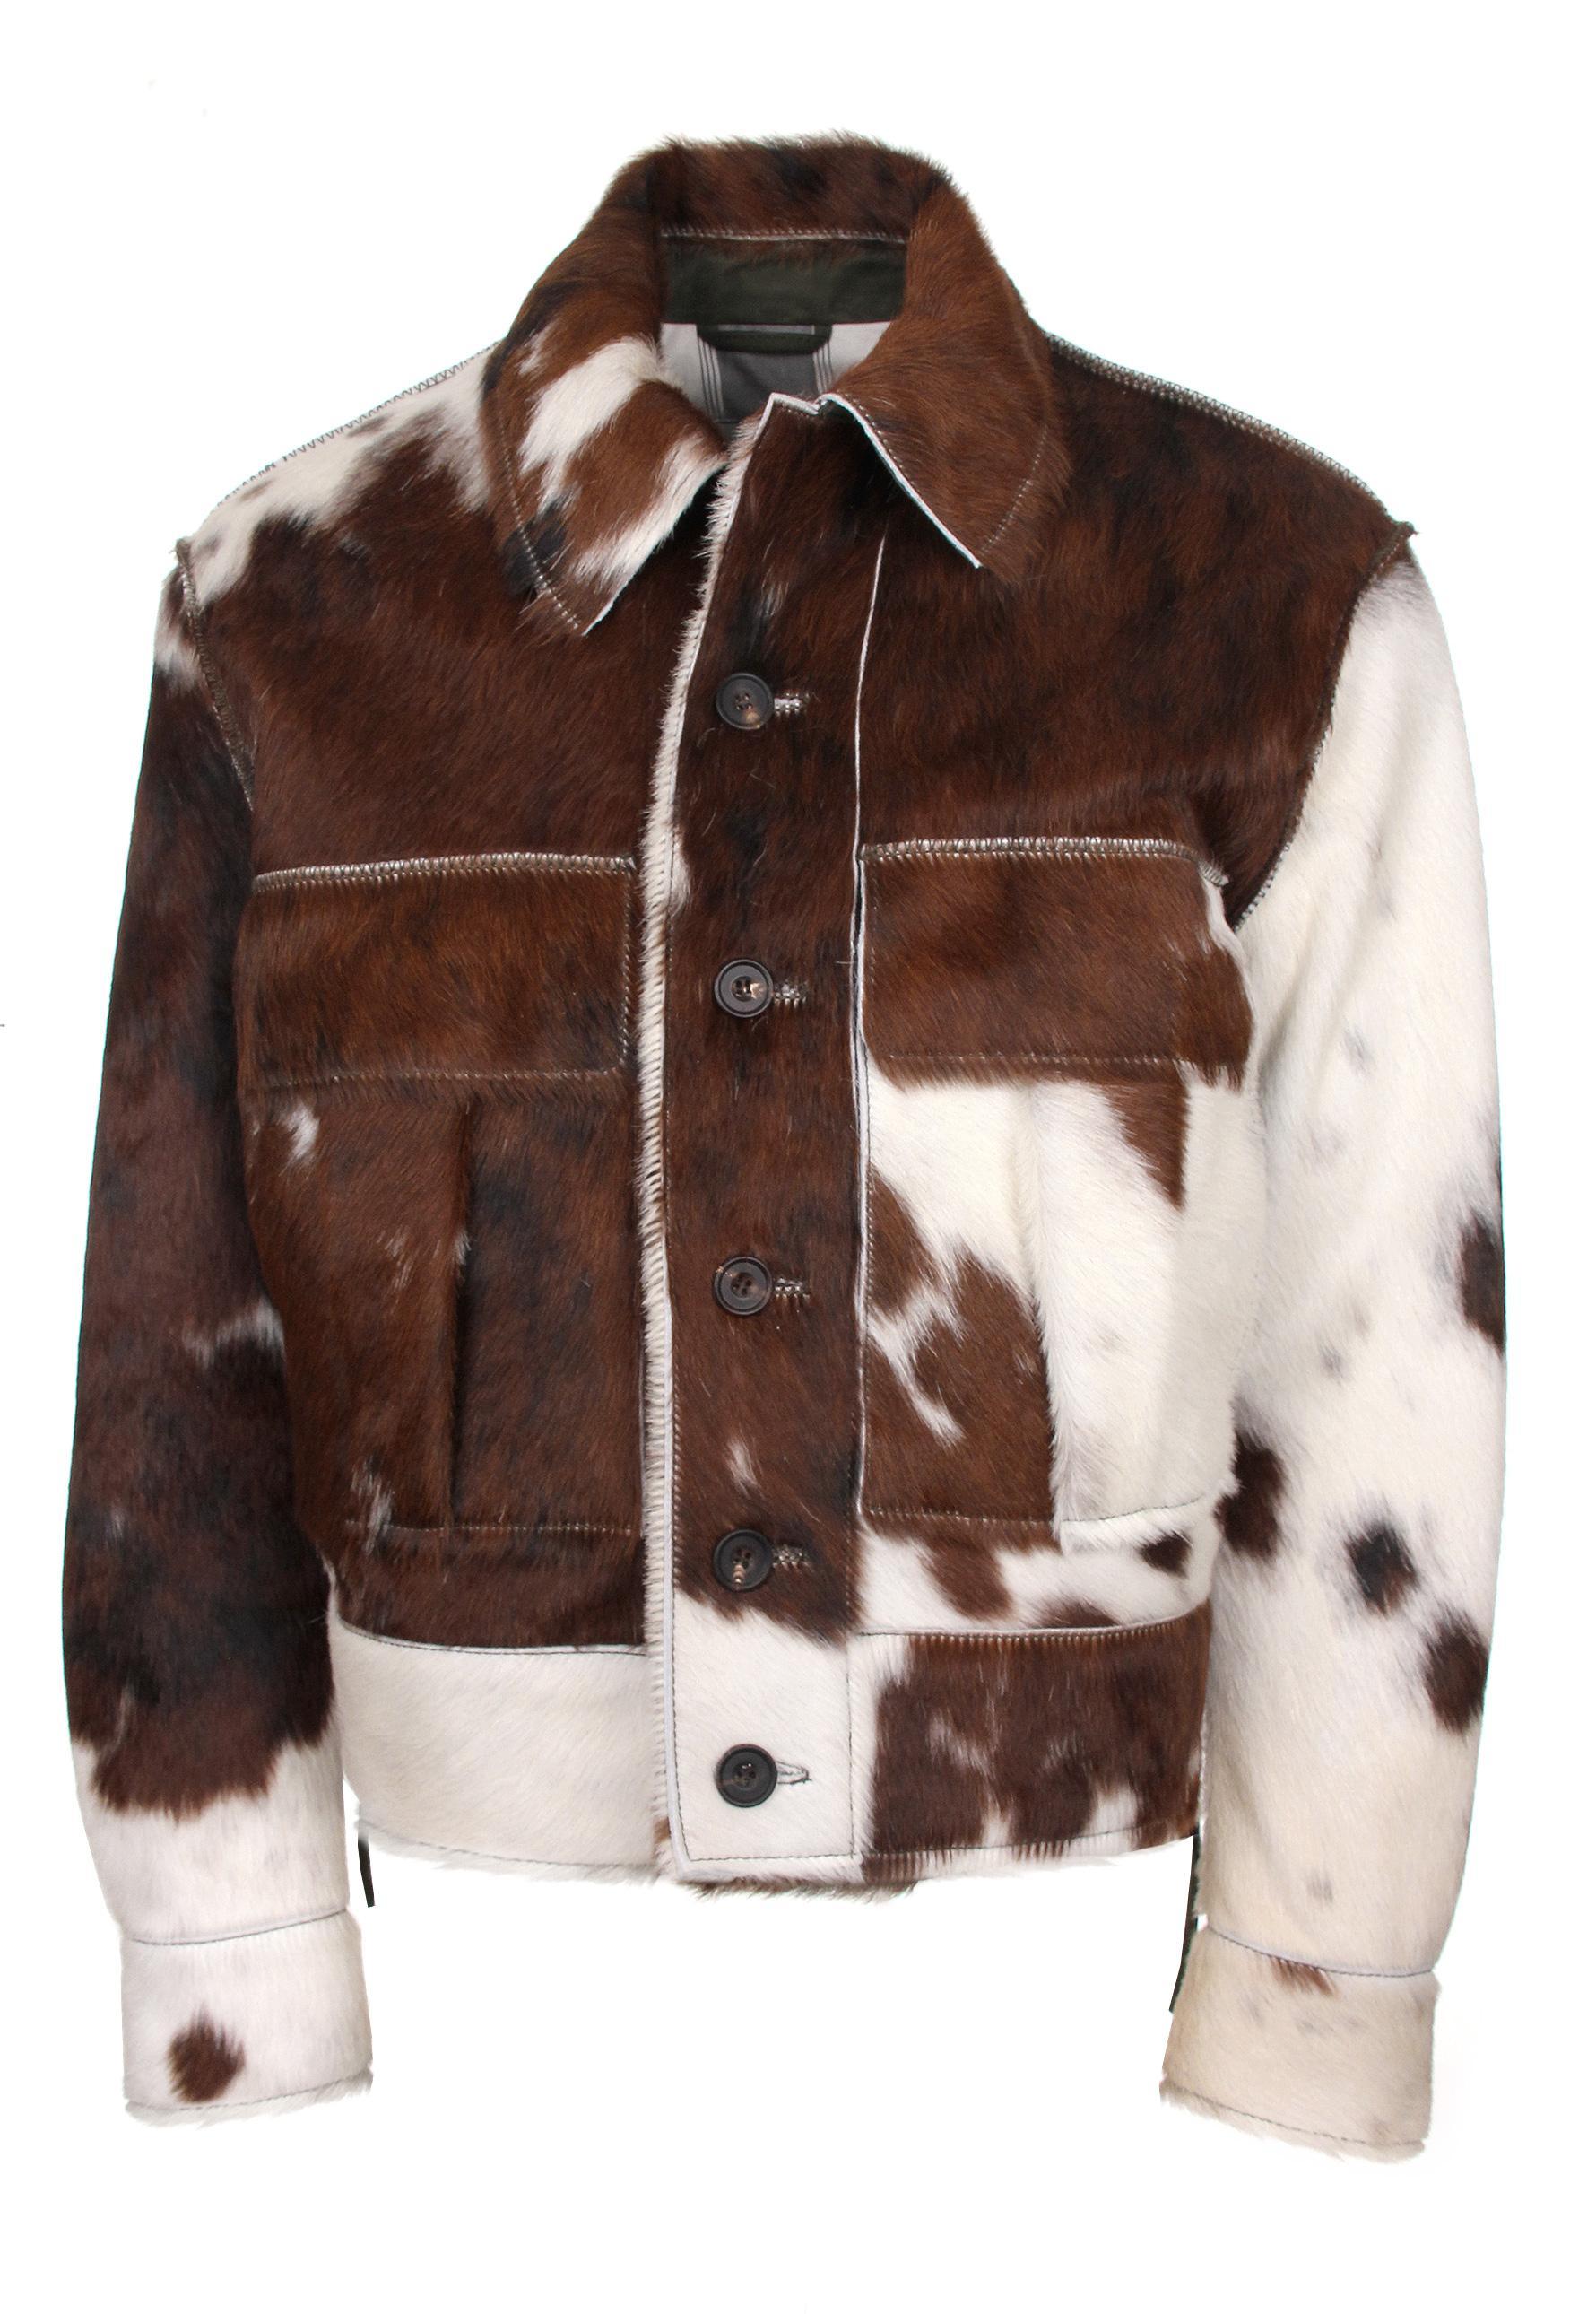 Vivienne-Westwood-Man-Cowhide-Jacket Top Brands for Leather Jackets-15 Most Popular Brands 2019 for Men